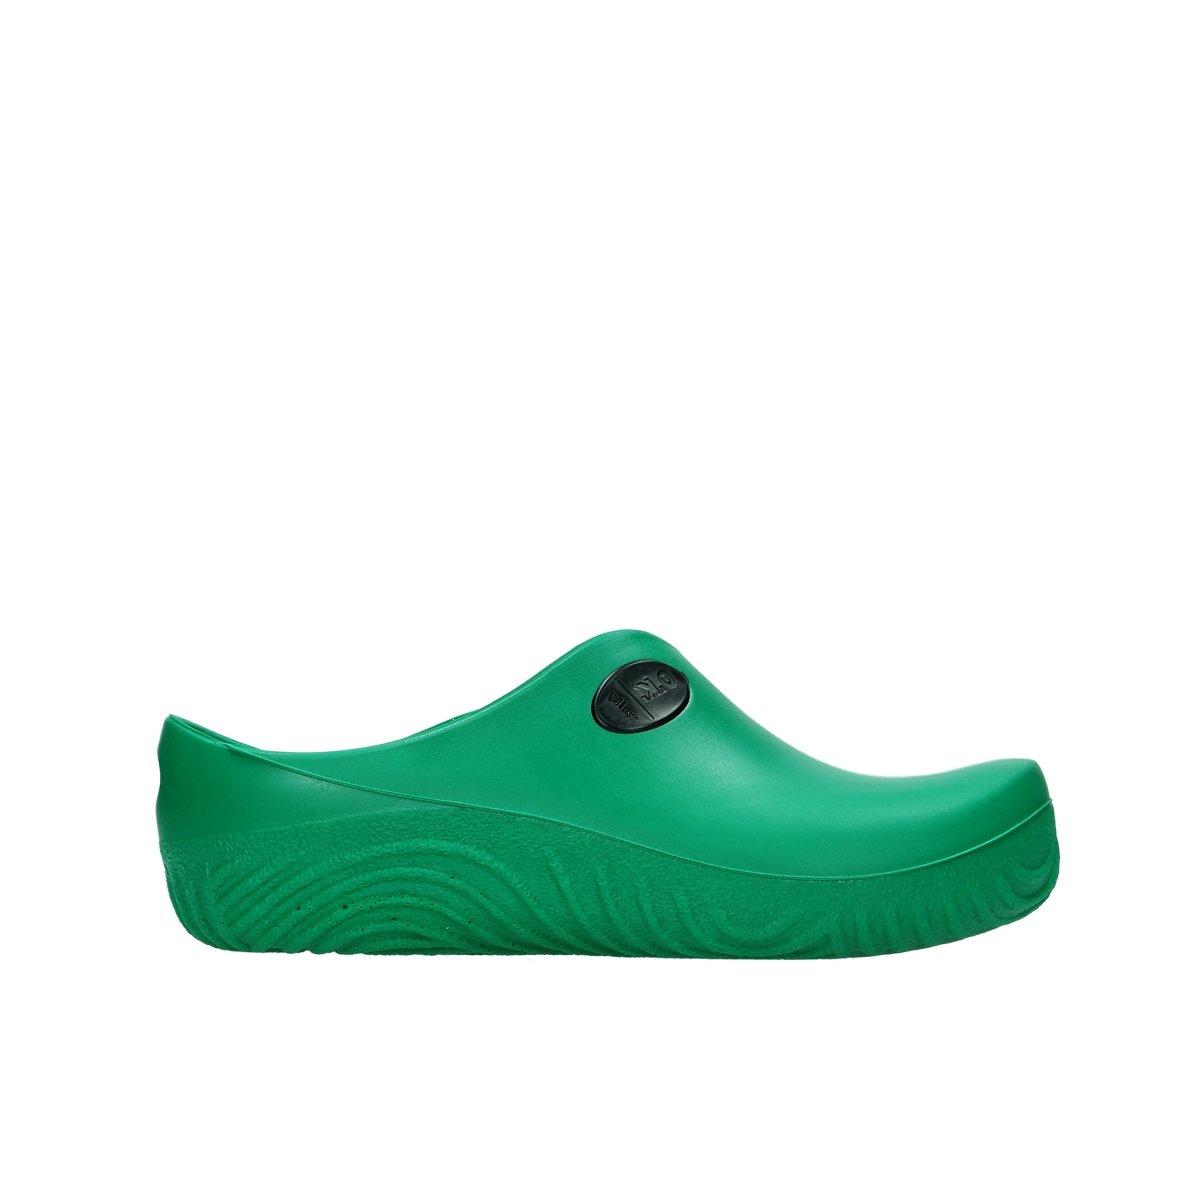 Wolky Zuecos Comfort 02550 OK Clog 37 EU 90700 green fluor PU